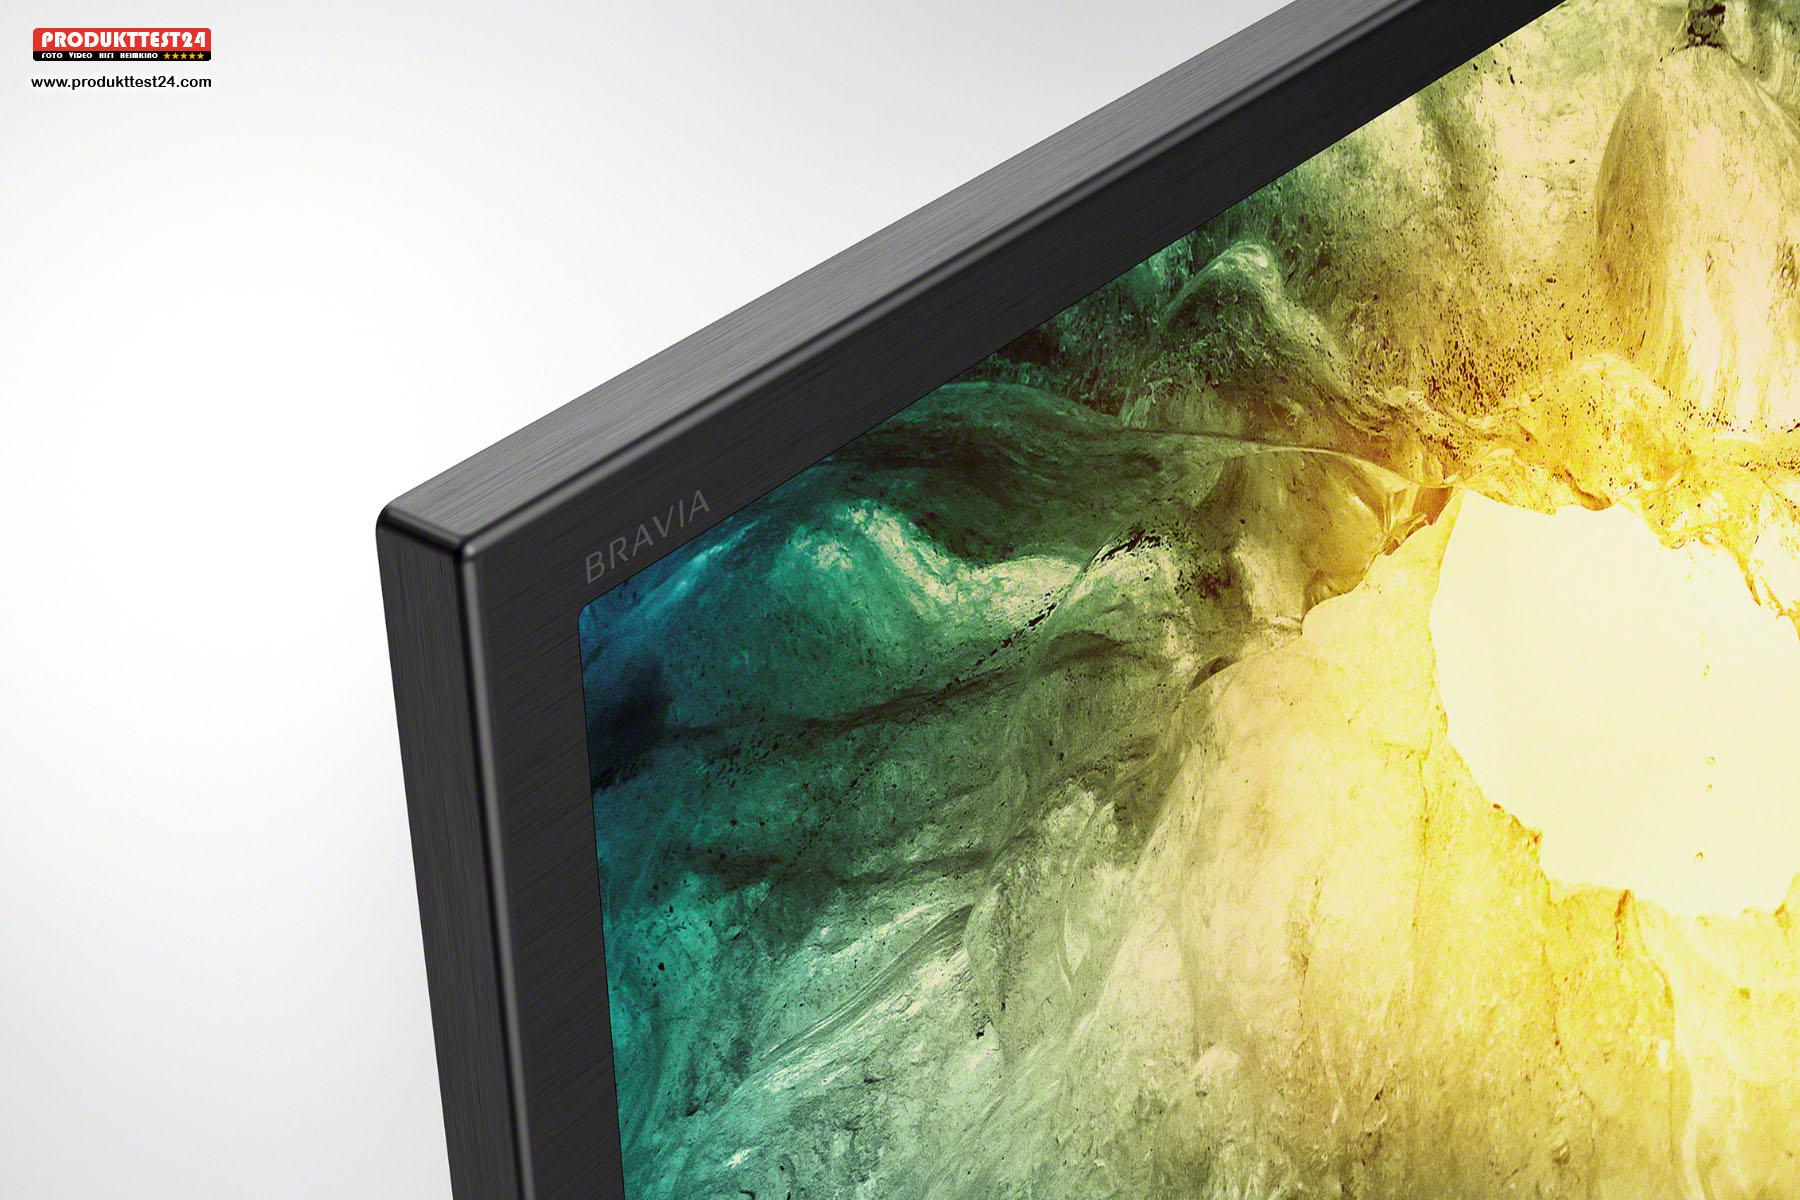 Der Sony Bravia legt eine hohe Verarbeitungsqualität an den Tag